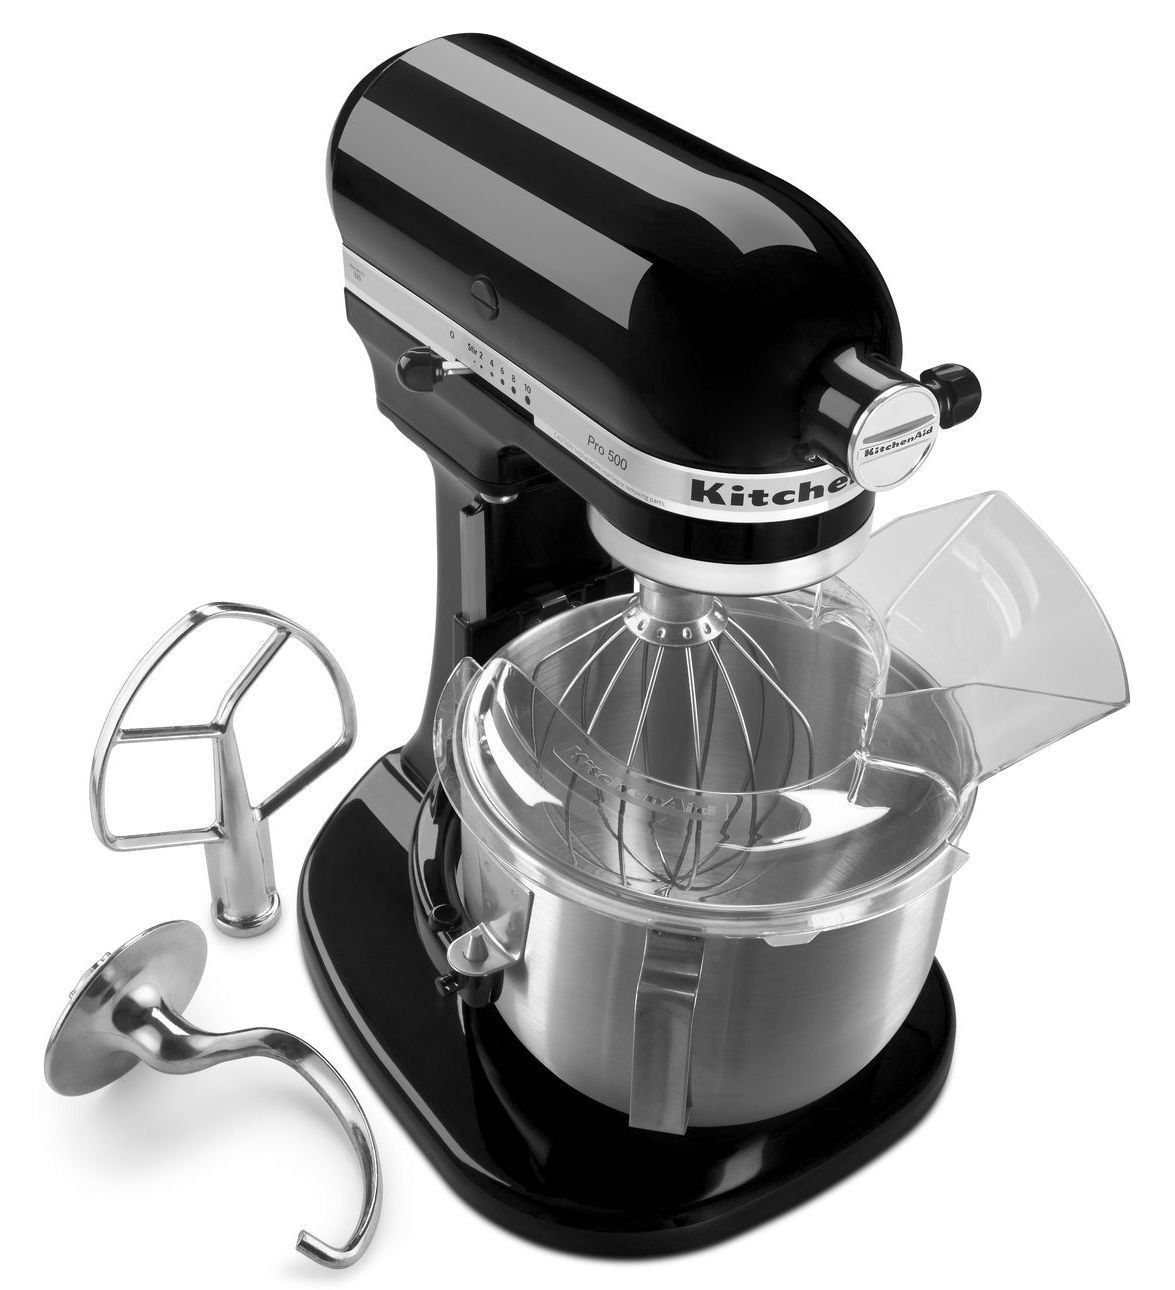 kitchenaid lift mixer 5 quart